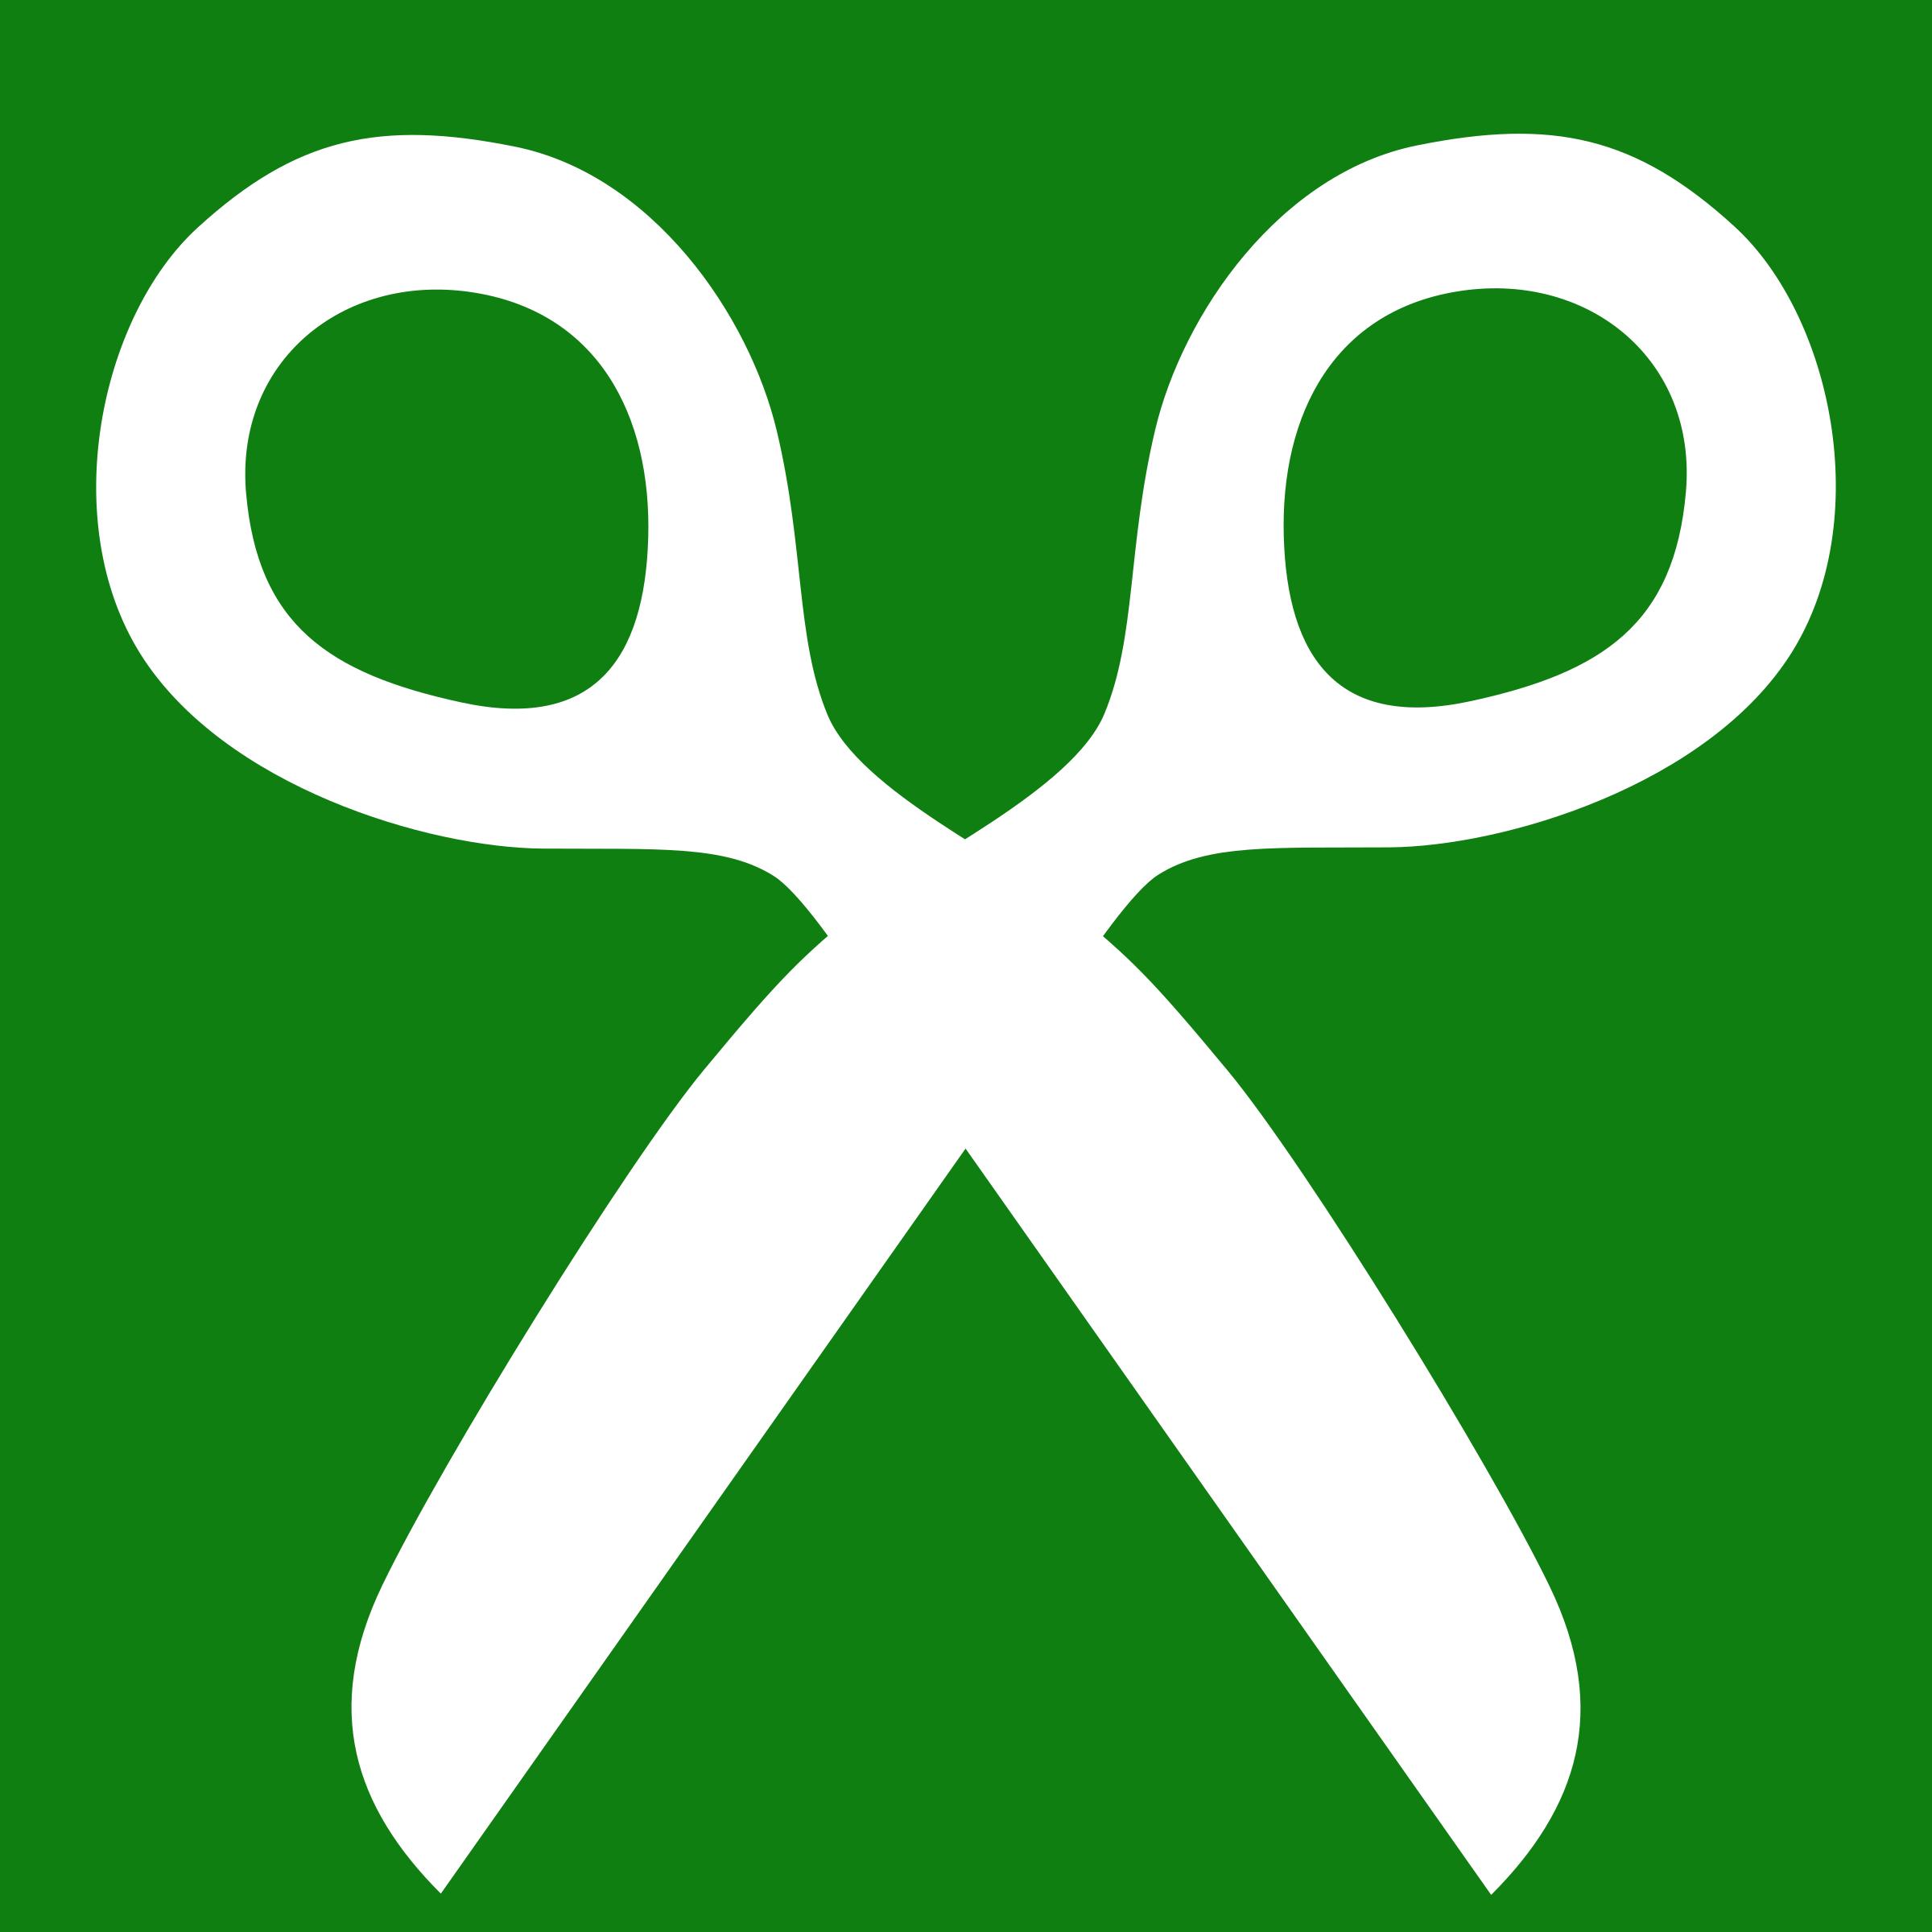 Association D'entraide Pour Séniors